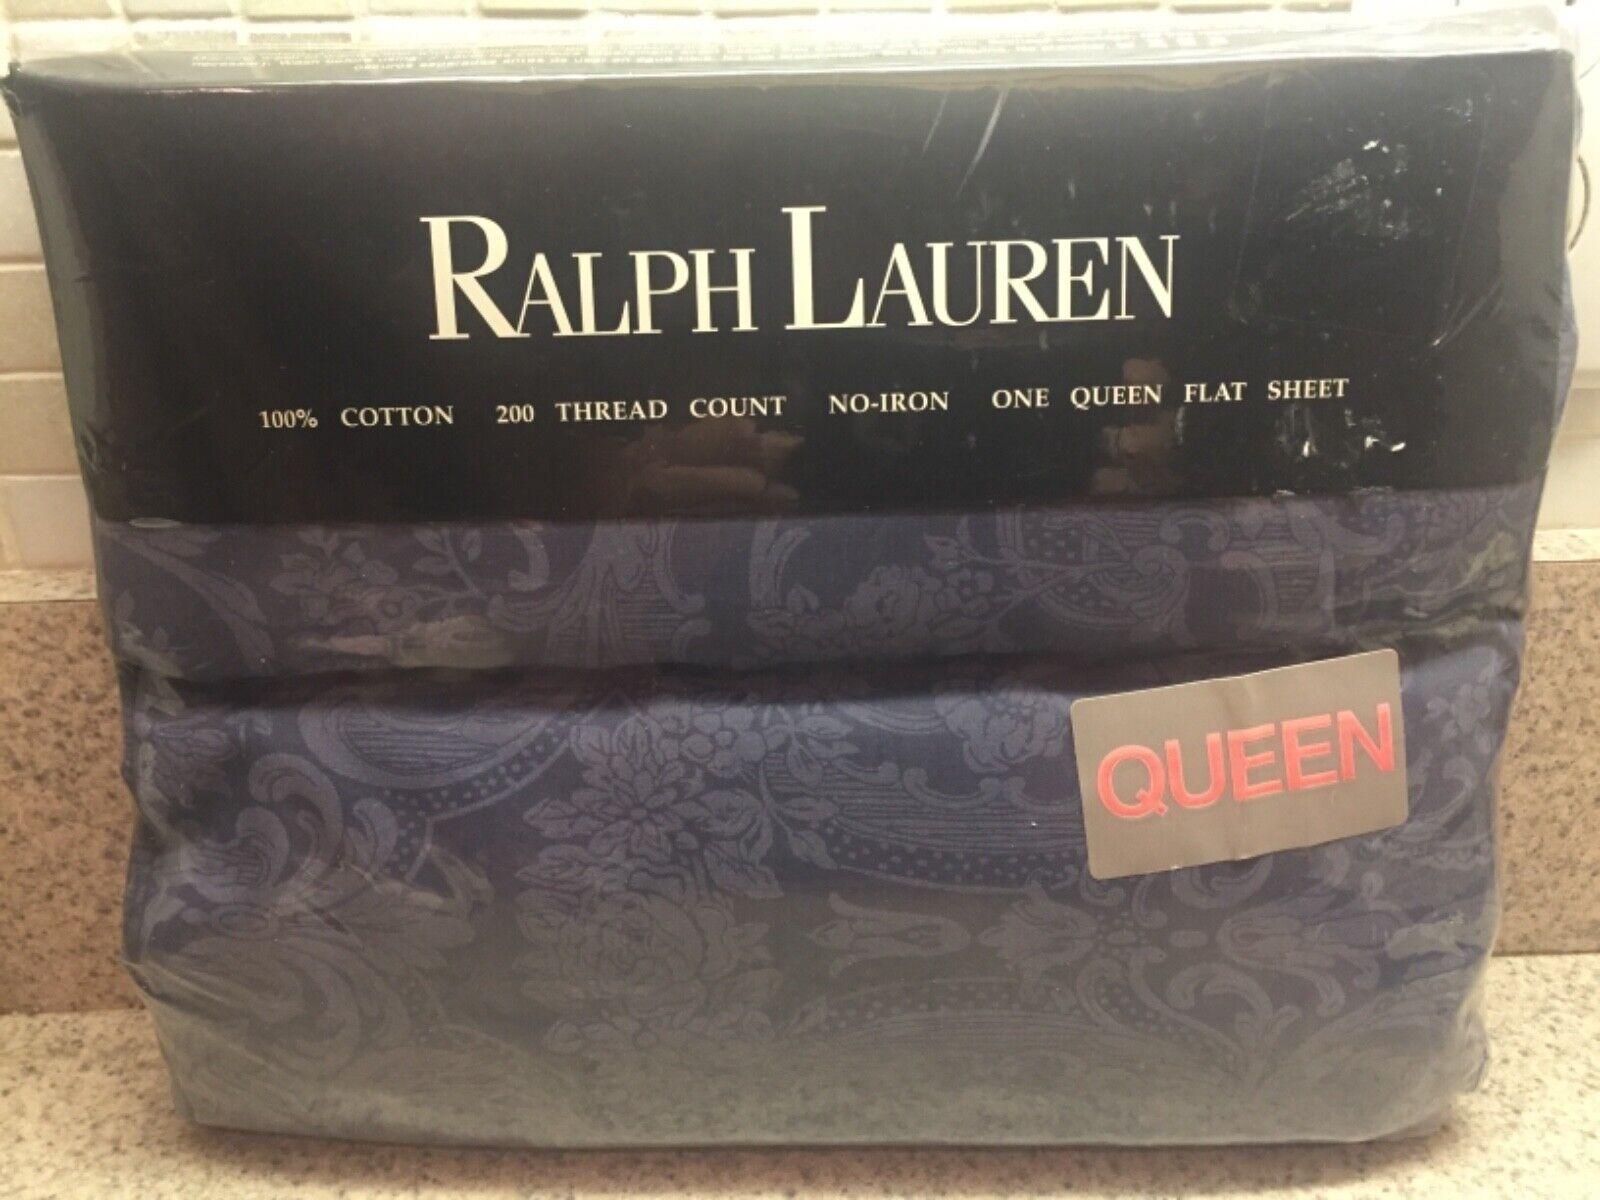 NEW Ralph Lauren Avery bluee Queen Flat Sheet FABRIC